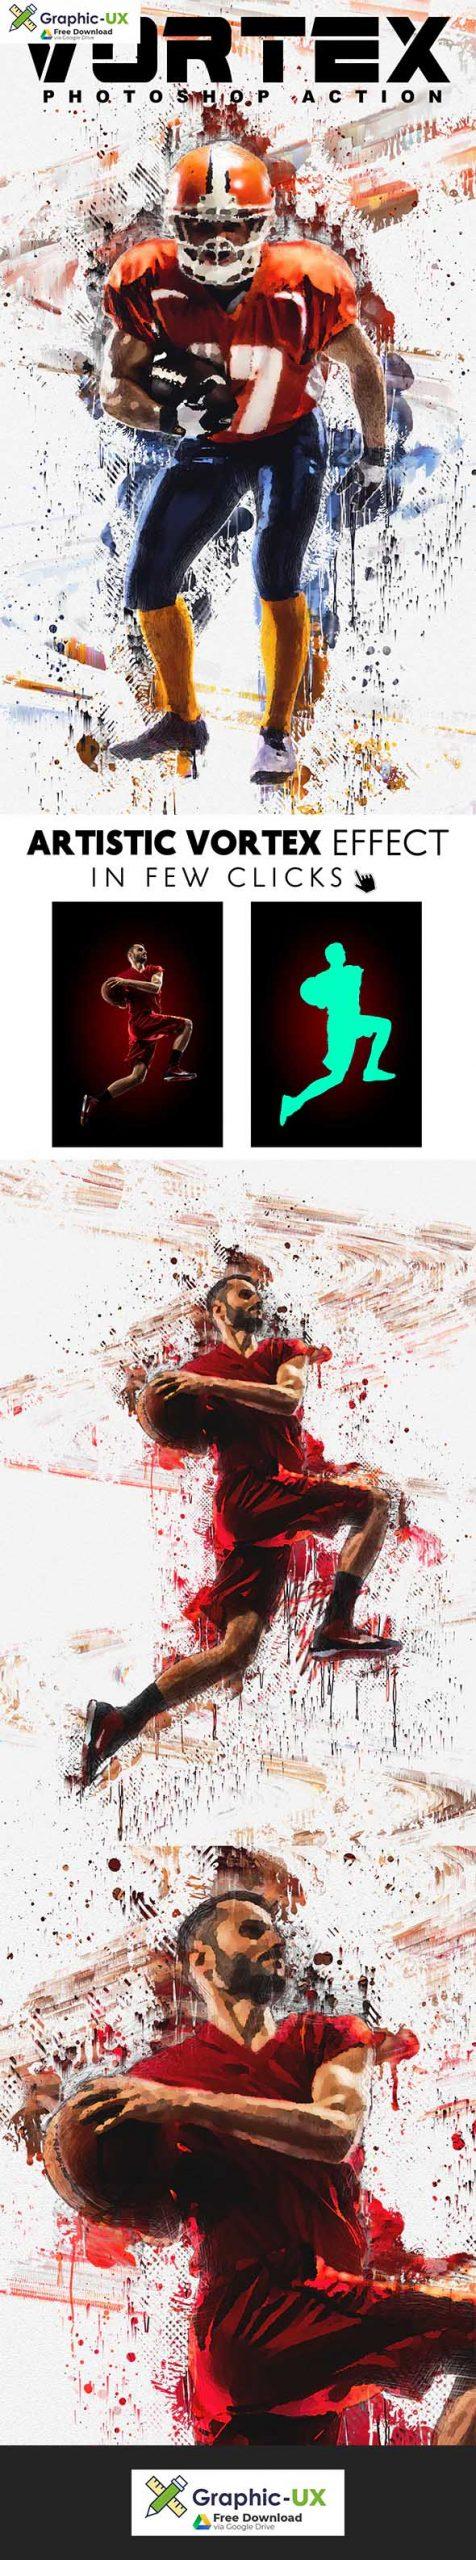 Vortex - Artistic Photoshop Action